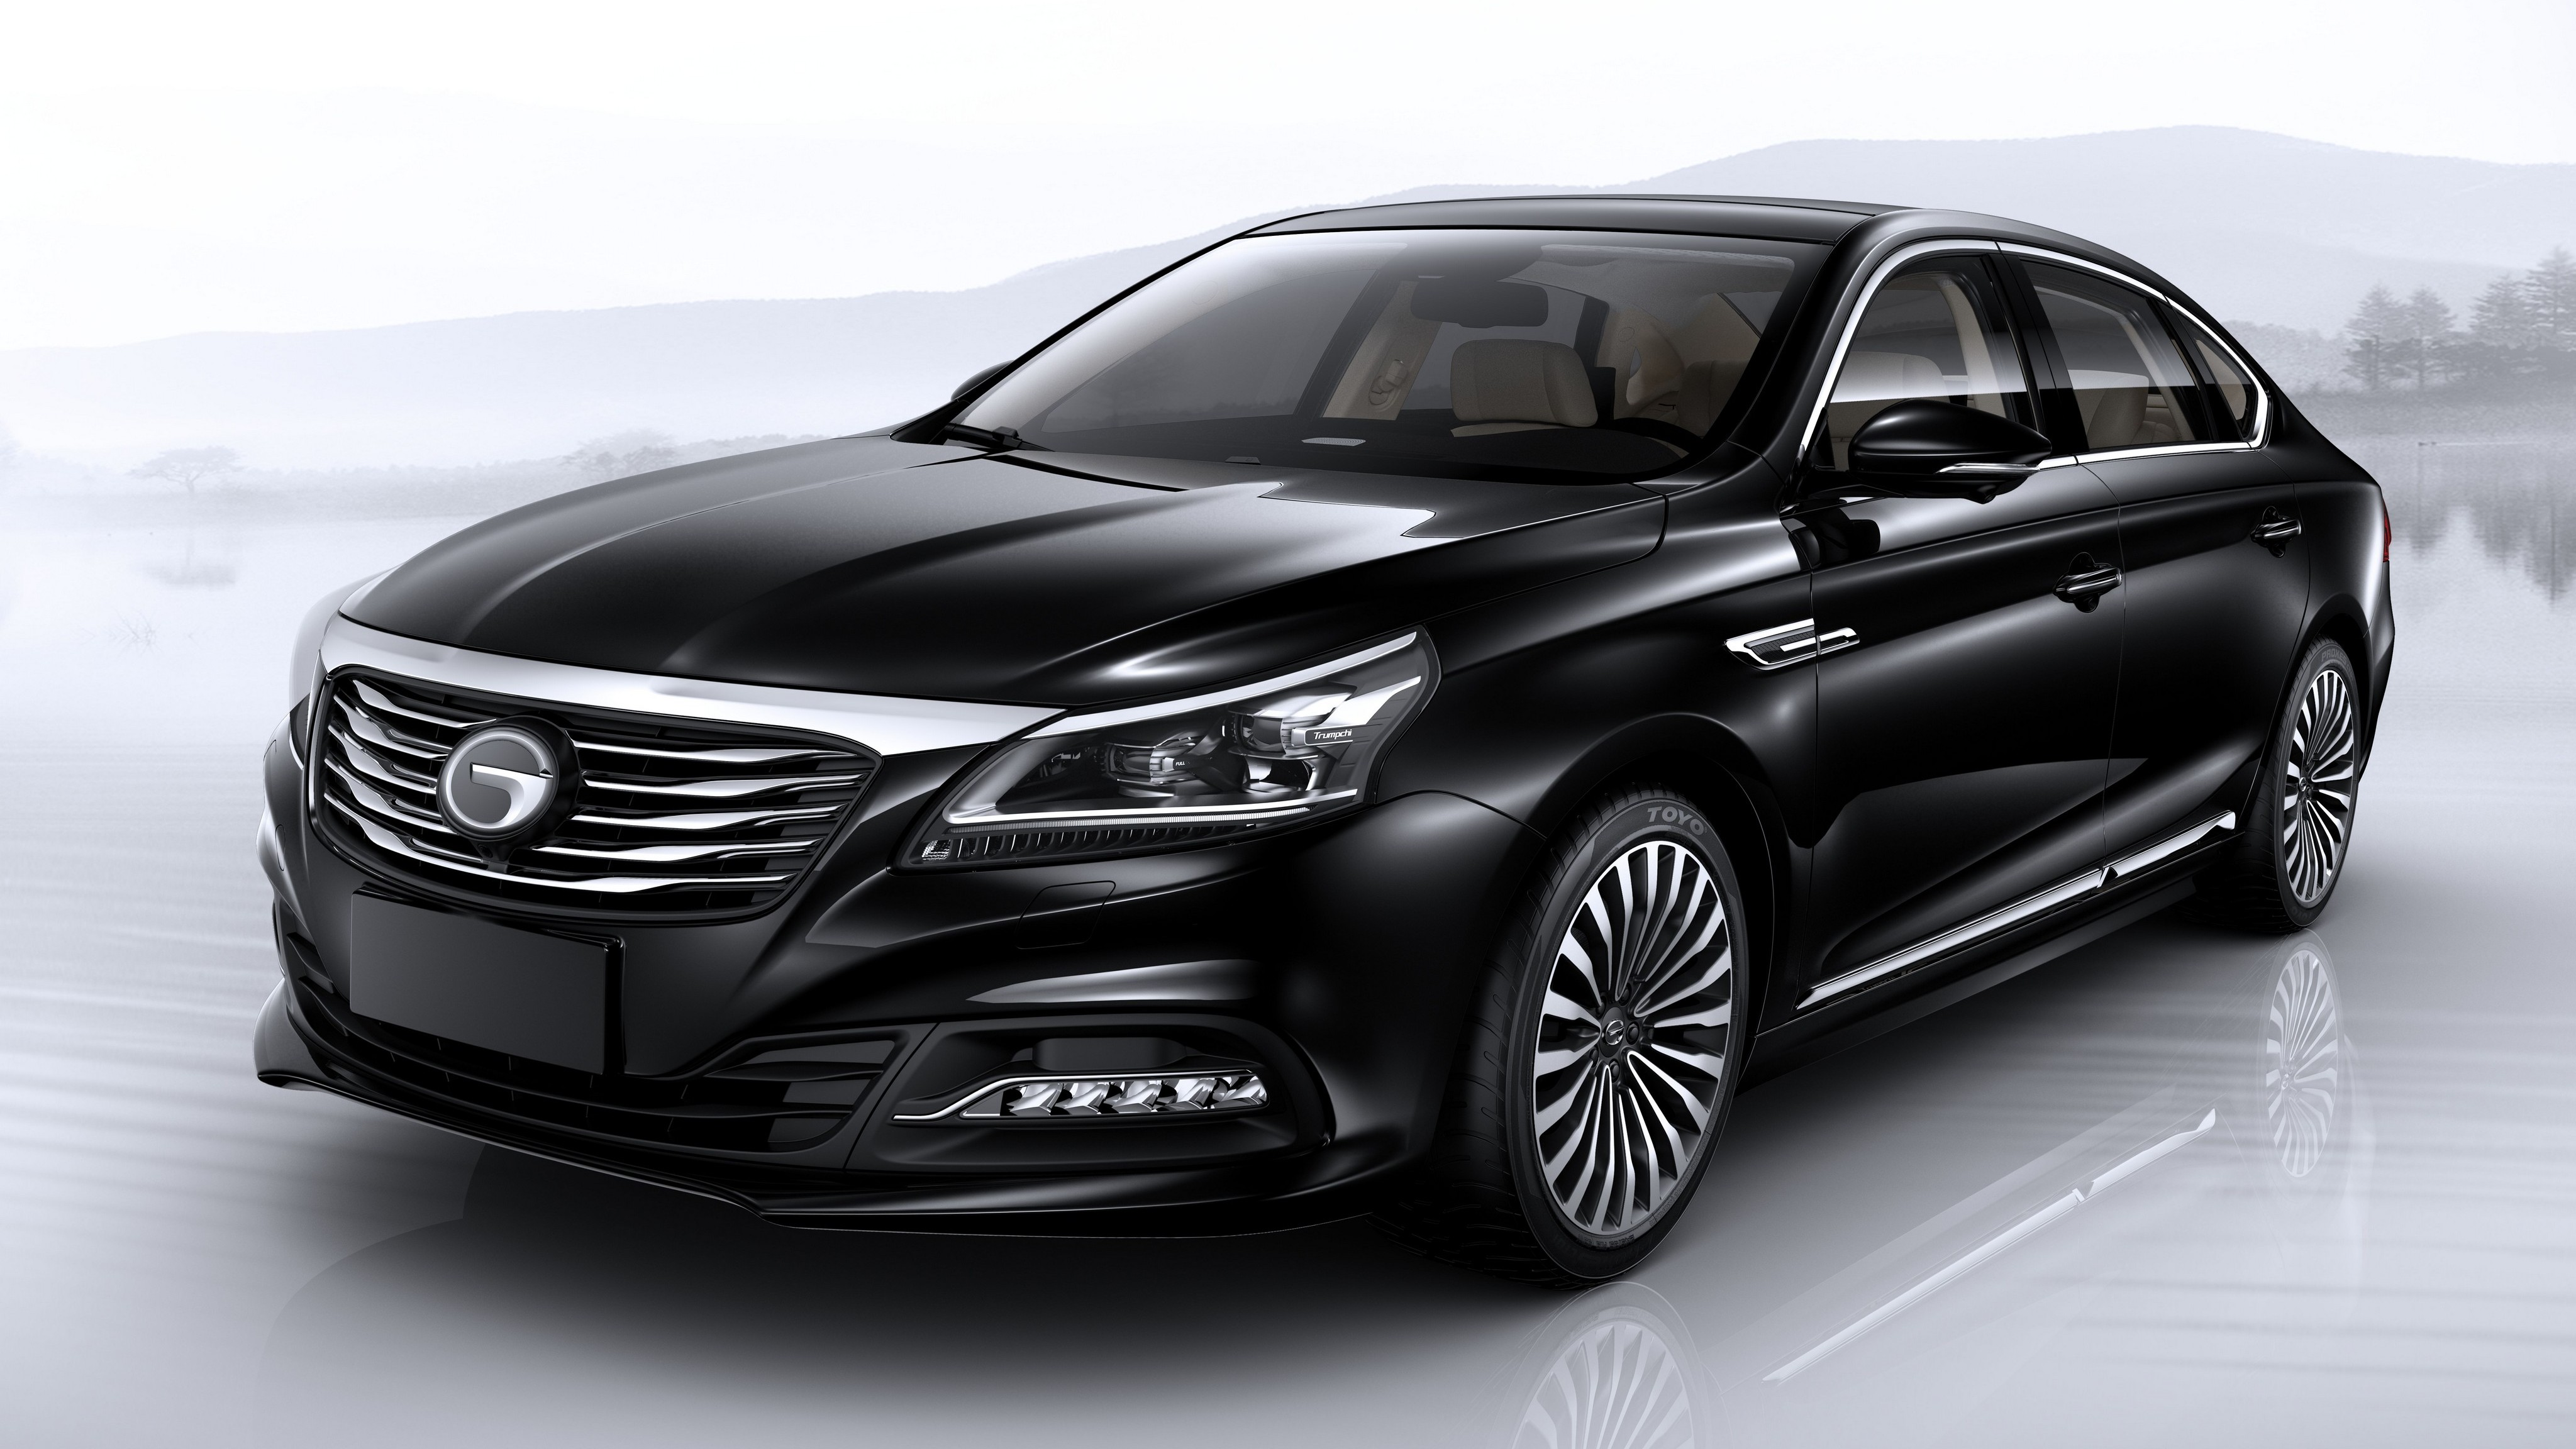 Китайский концерн GAC вышел наавтомобильный рынок Российской Федерации 30.08.2018